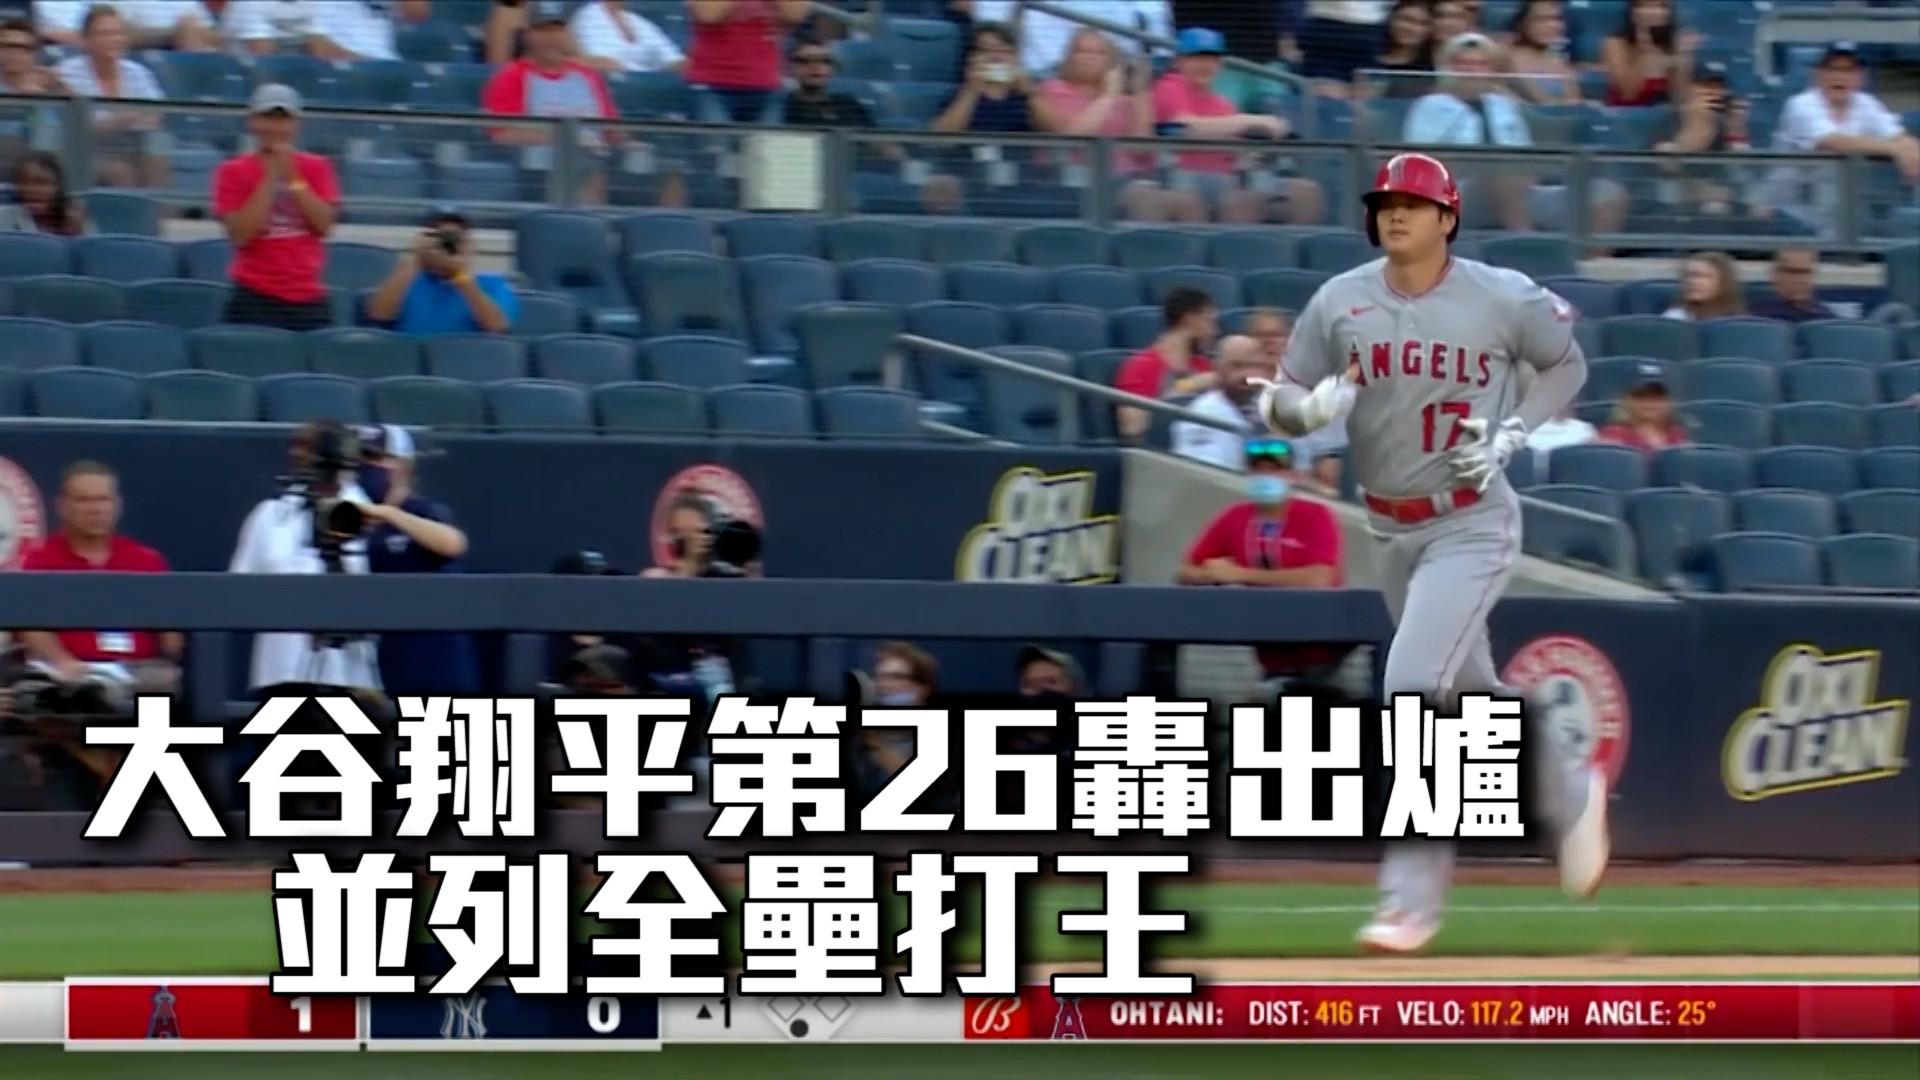 【MLB看愛爾達】大谷翔平第26轟出爐 並列全壘打王 06/29